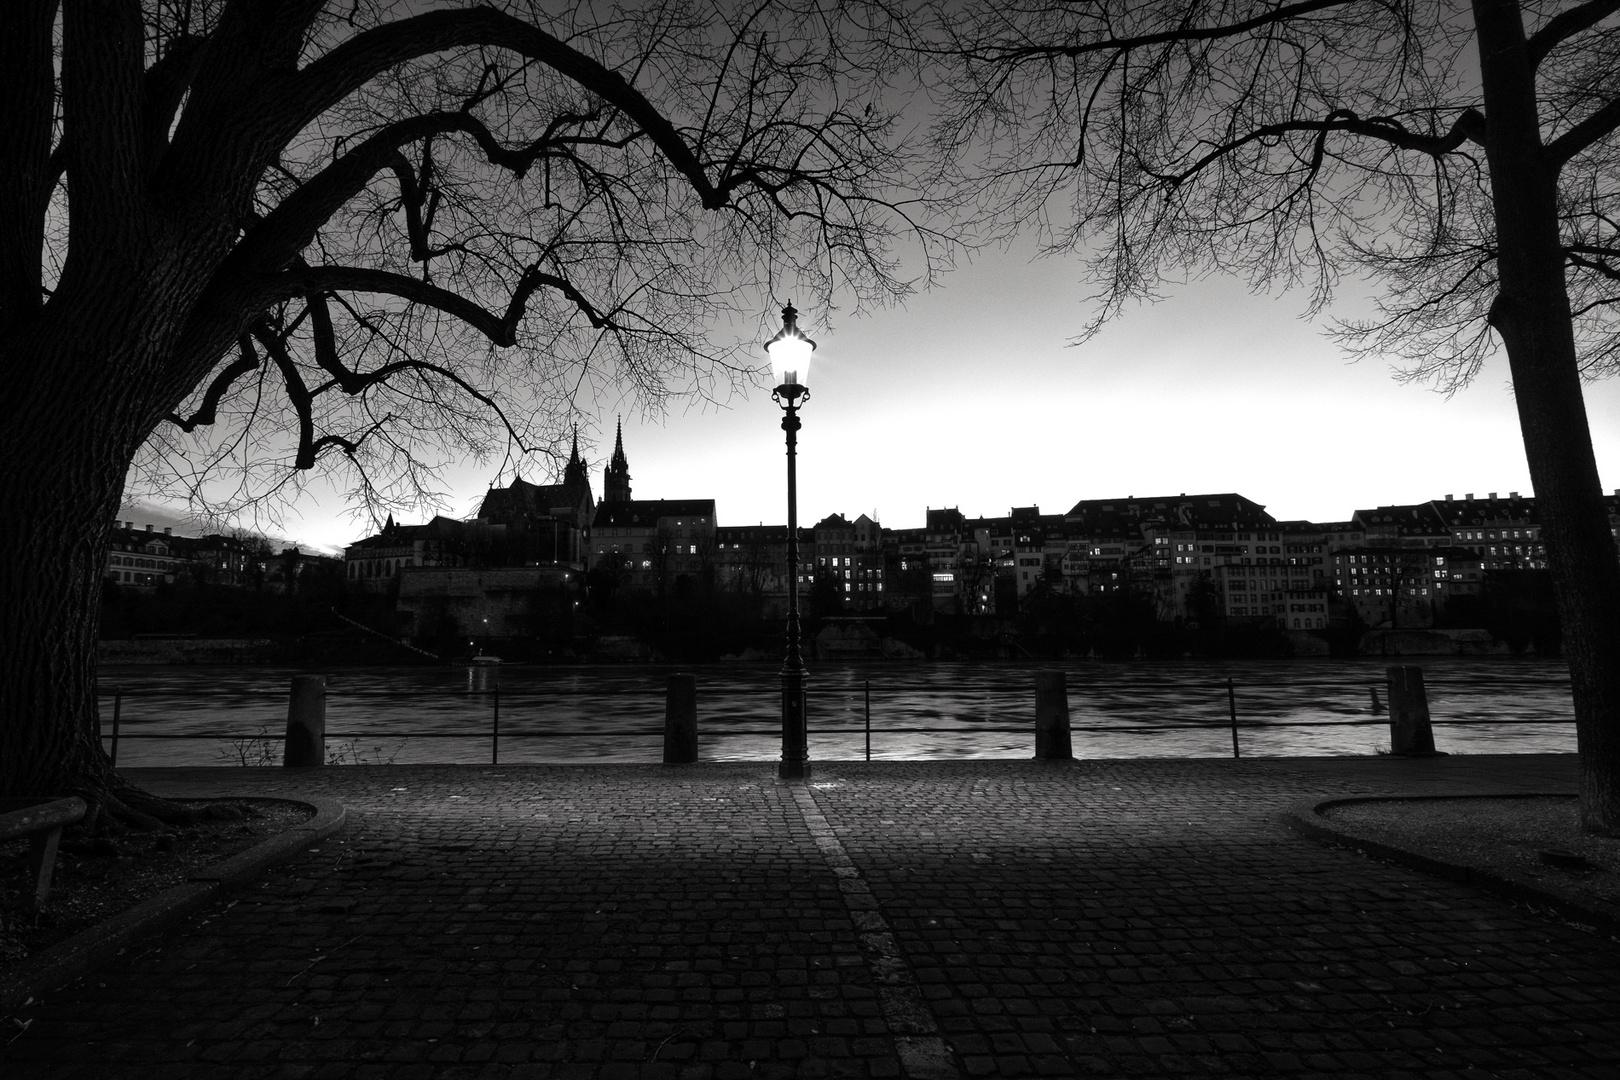 früh abends am Rhein in Basel